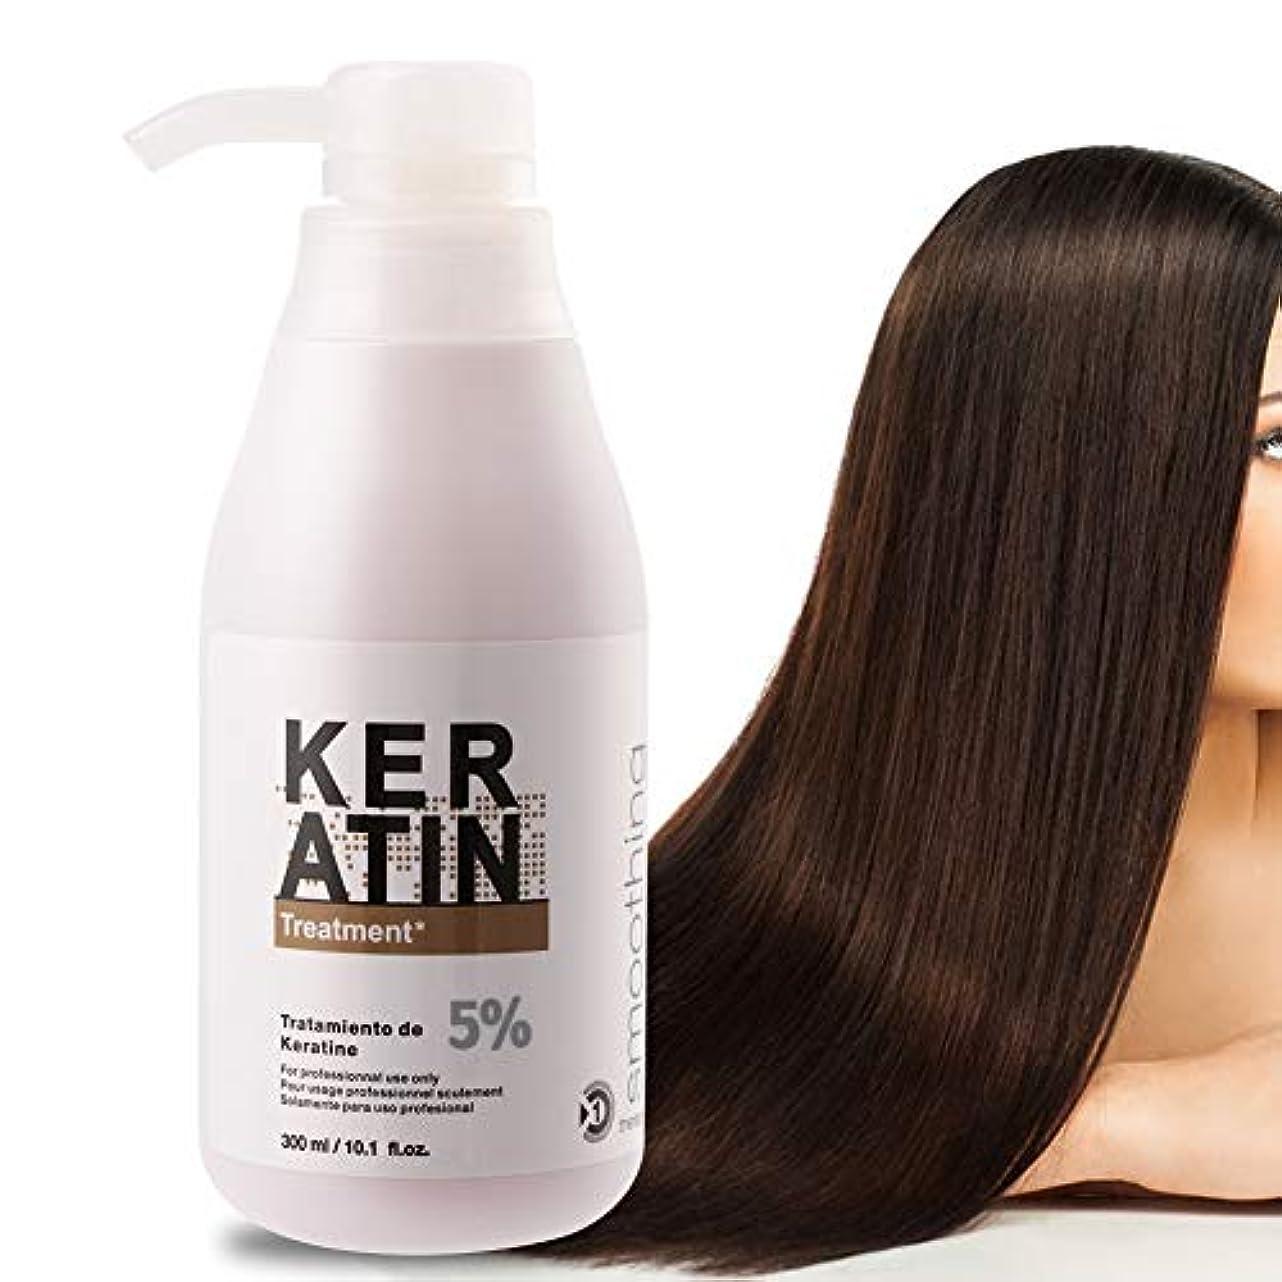 請負業者戻すサイクル乾いた、ダメージを受けた、そして化学的に処理された髪のためのケラチンとタンパク質のケラチンヘアマスク、300mlブラジルのケラチンヘアトリートメント